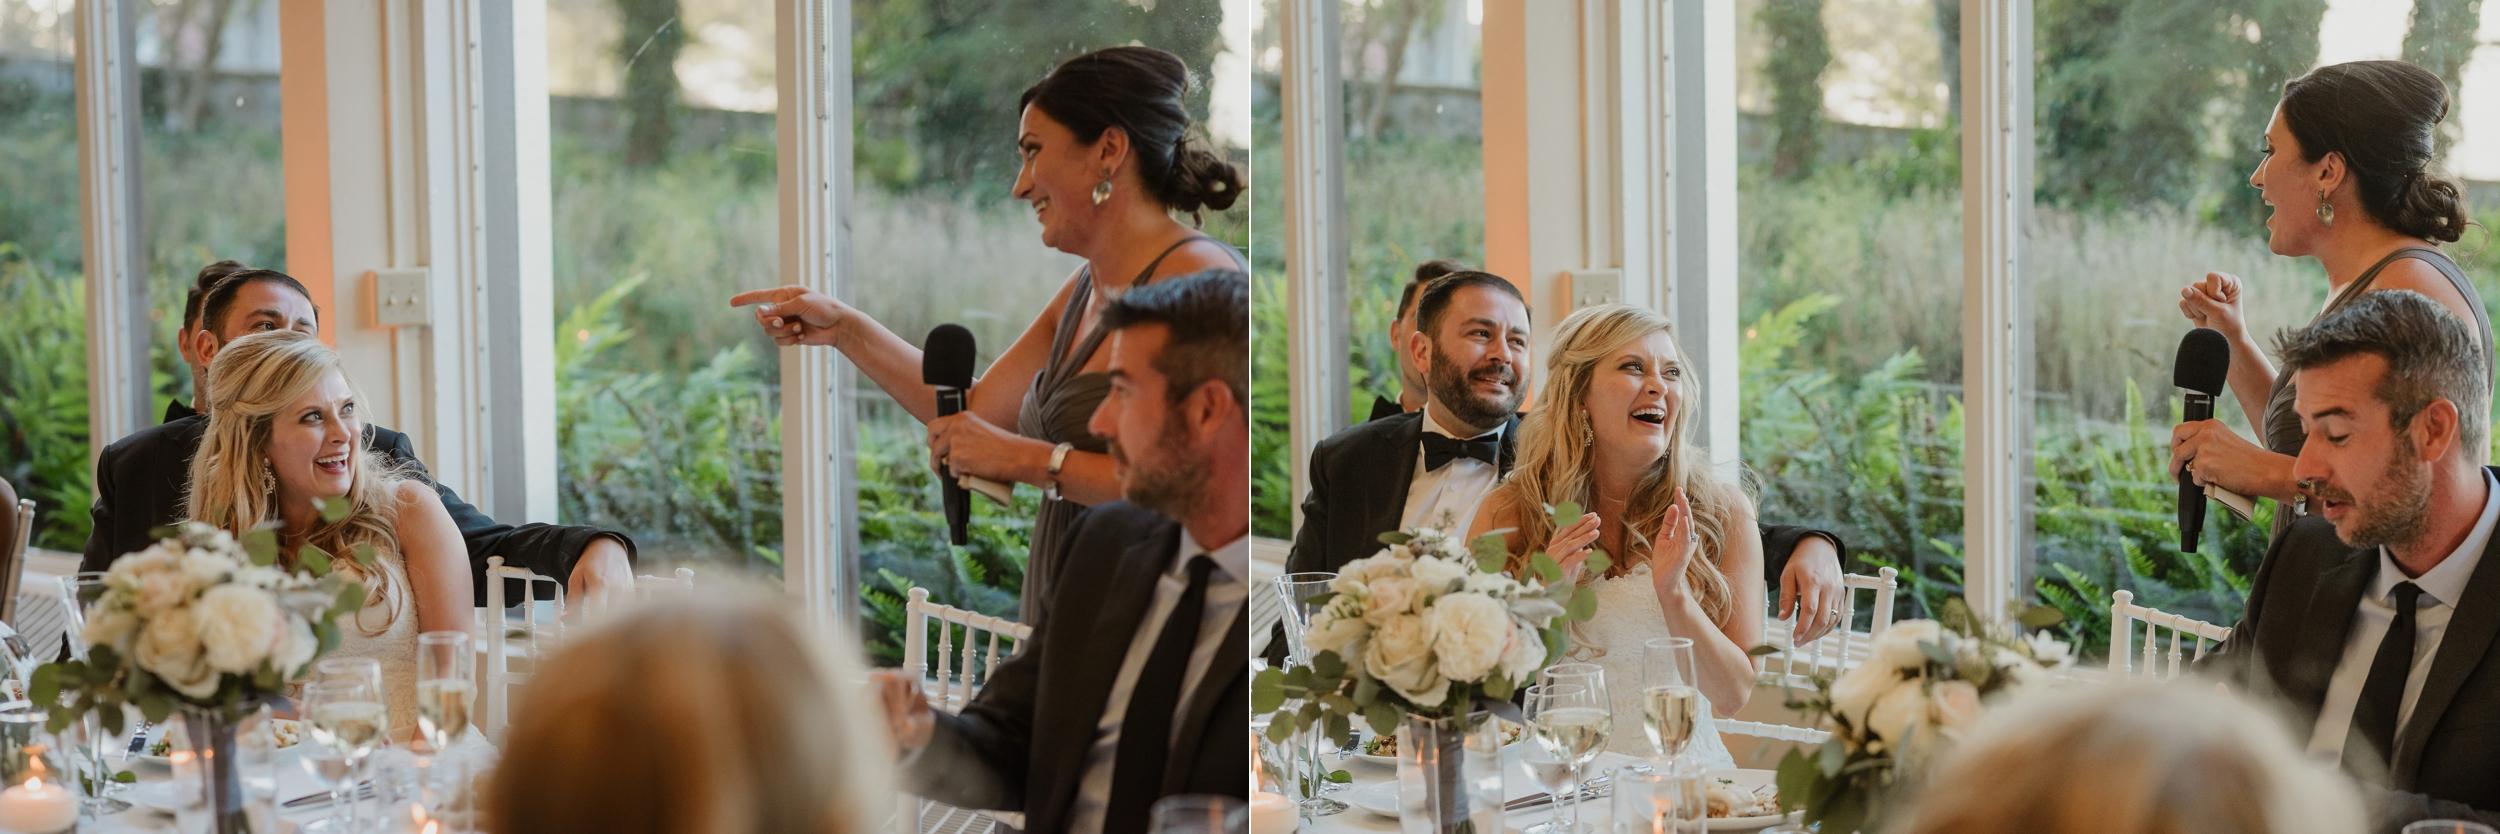 66-traditional-san-francisco-presidio-golden-gate-club-wedding-vivianchen-686_WEB.jpg